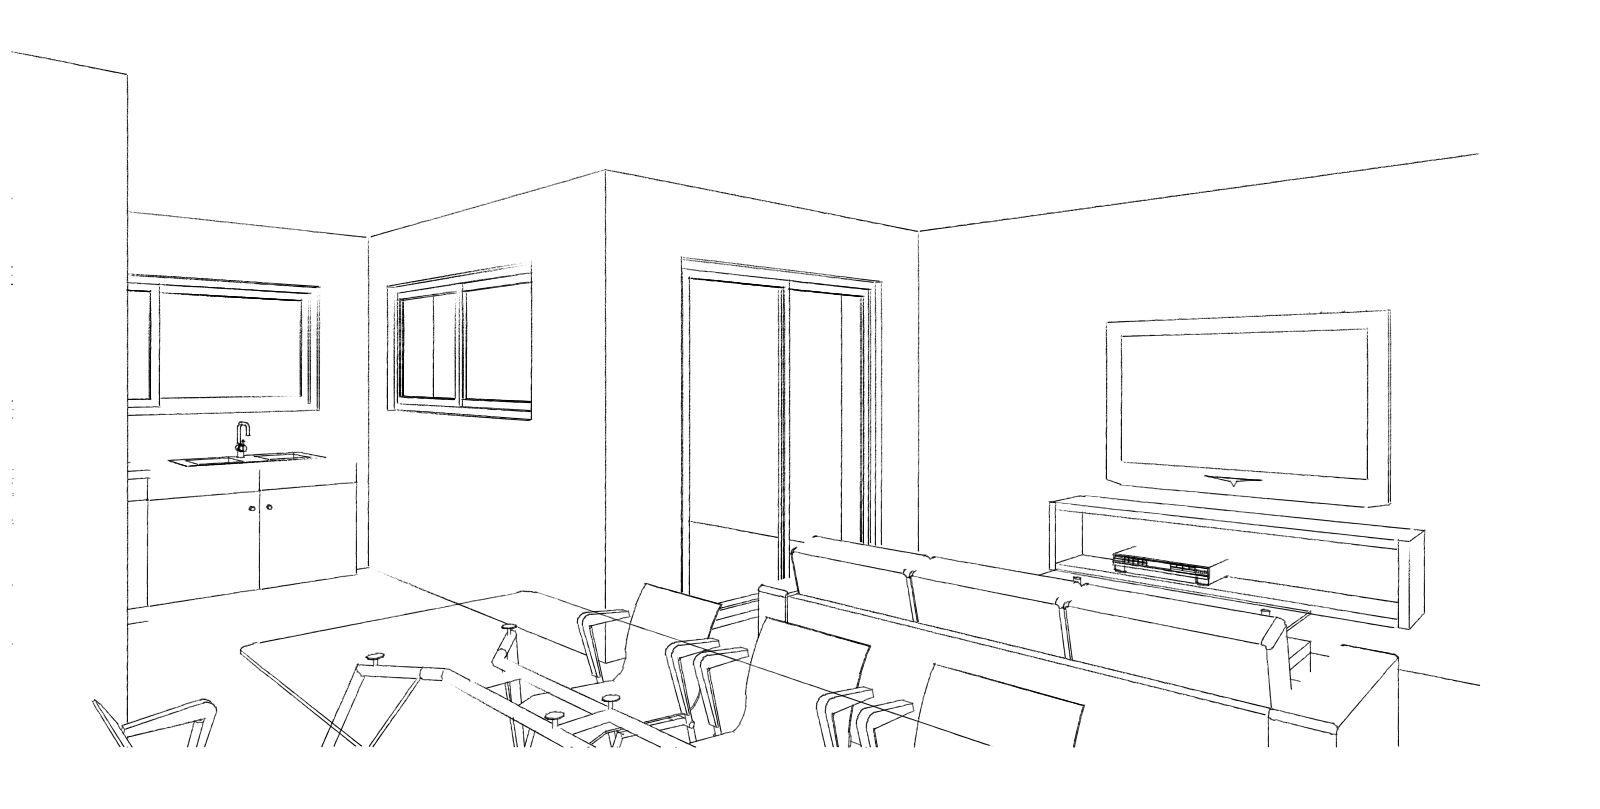 16.22 Atelier permis de construire maison individuelle8